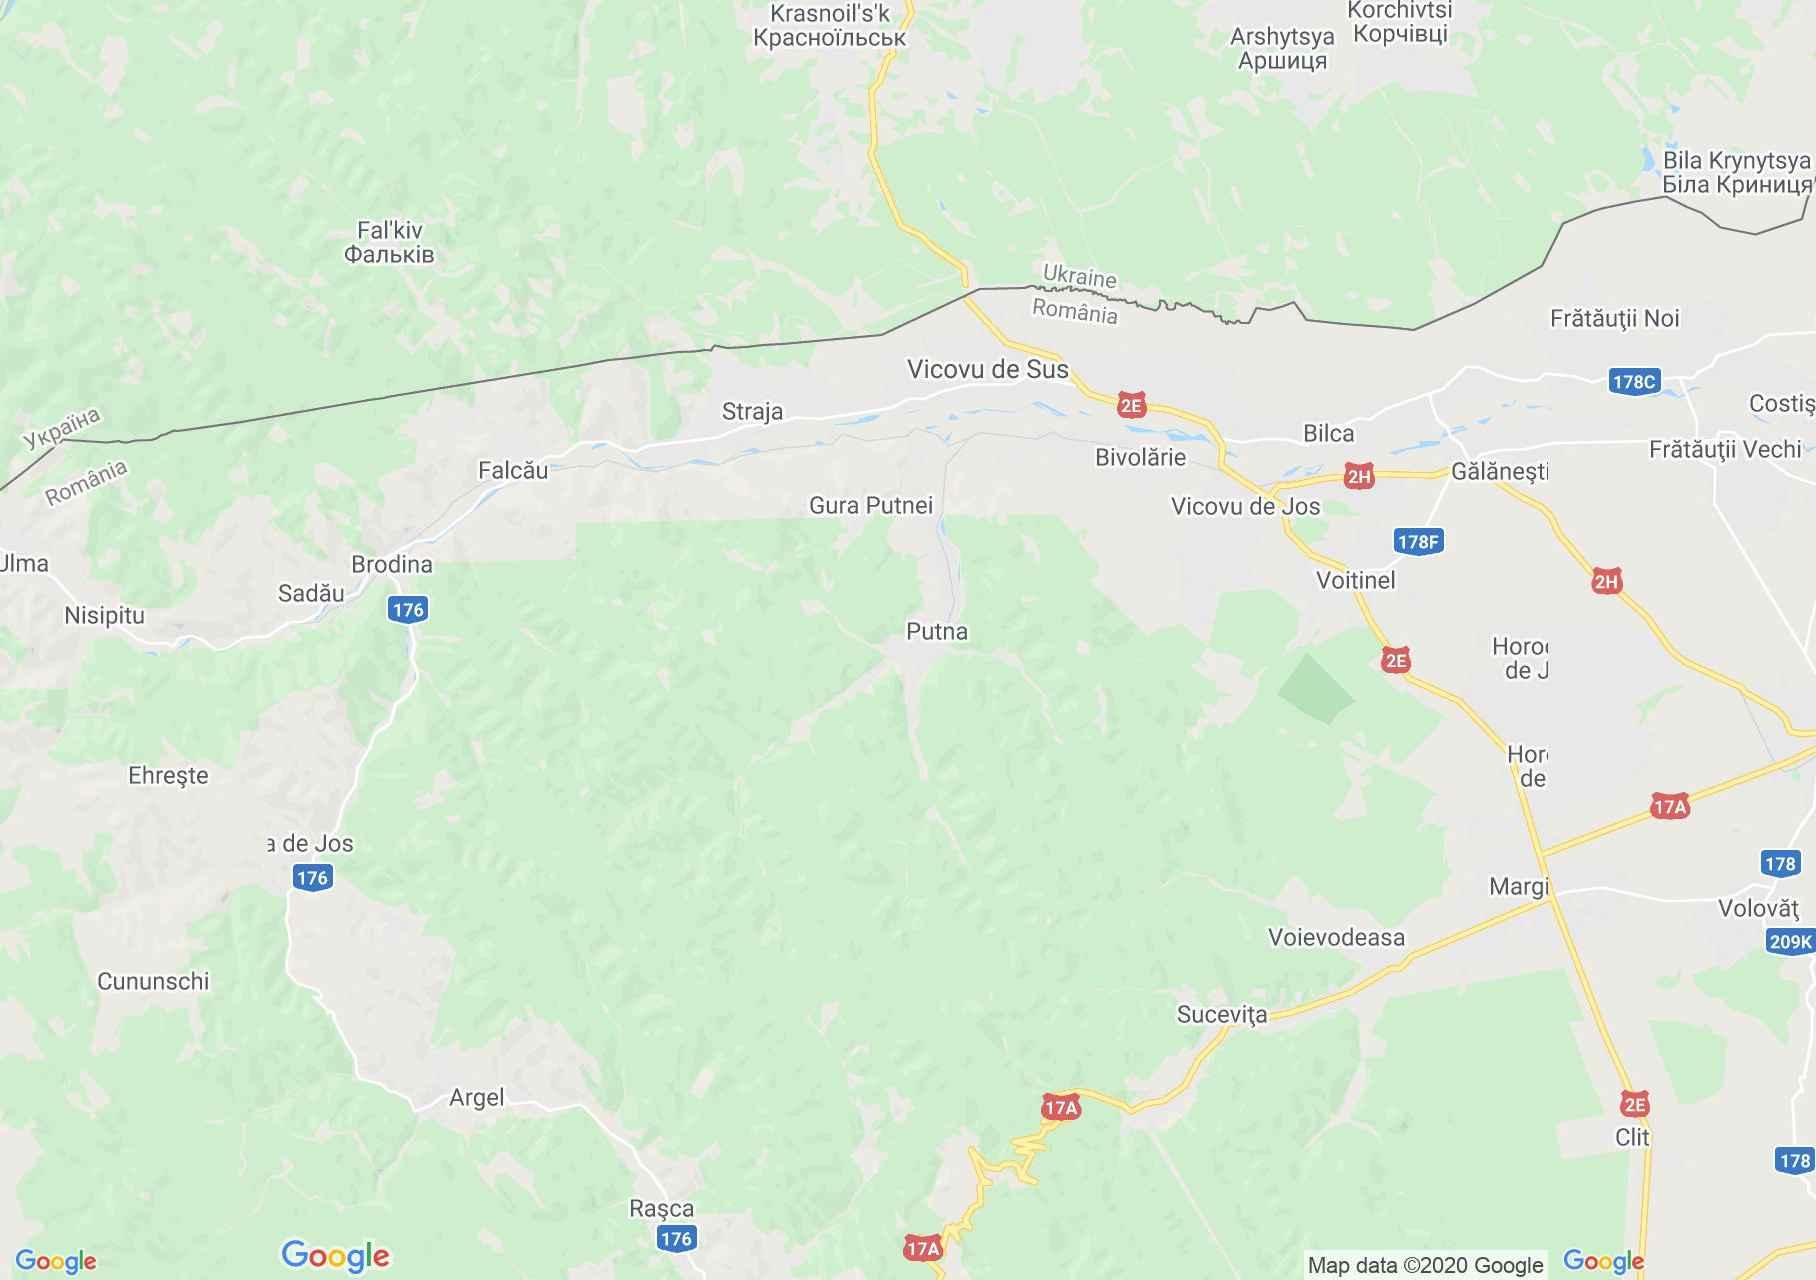 Zona Putna, Harta turistică interactivă